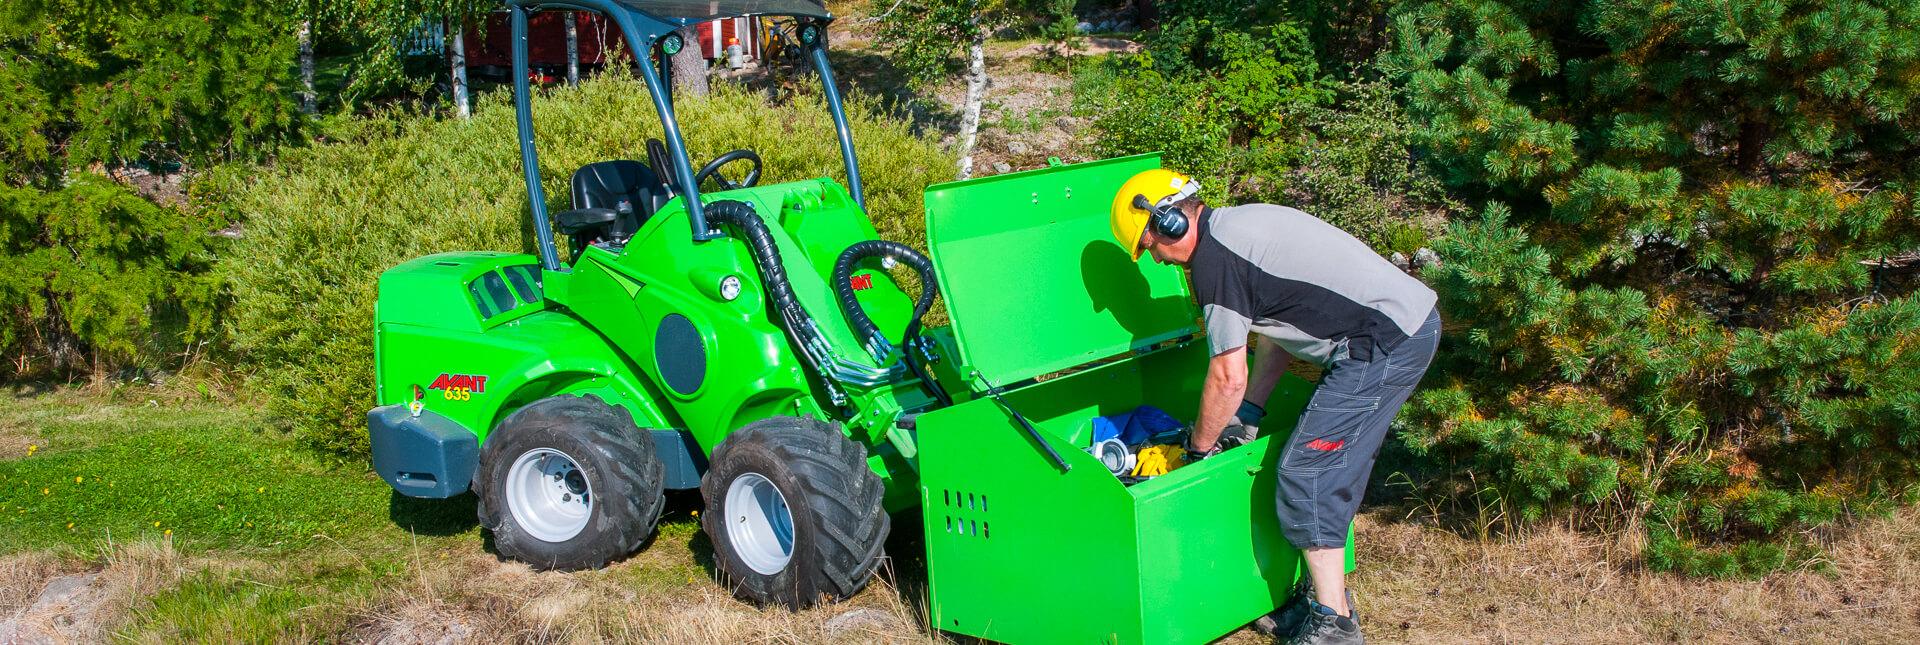 Arbejdsbillede af værktøjskasse monteret på AVANT minilæsser, til let at kunne transportere værktøj